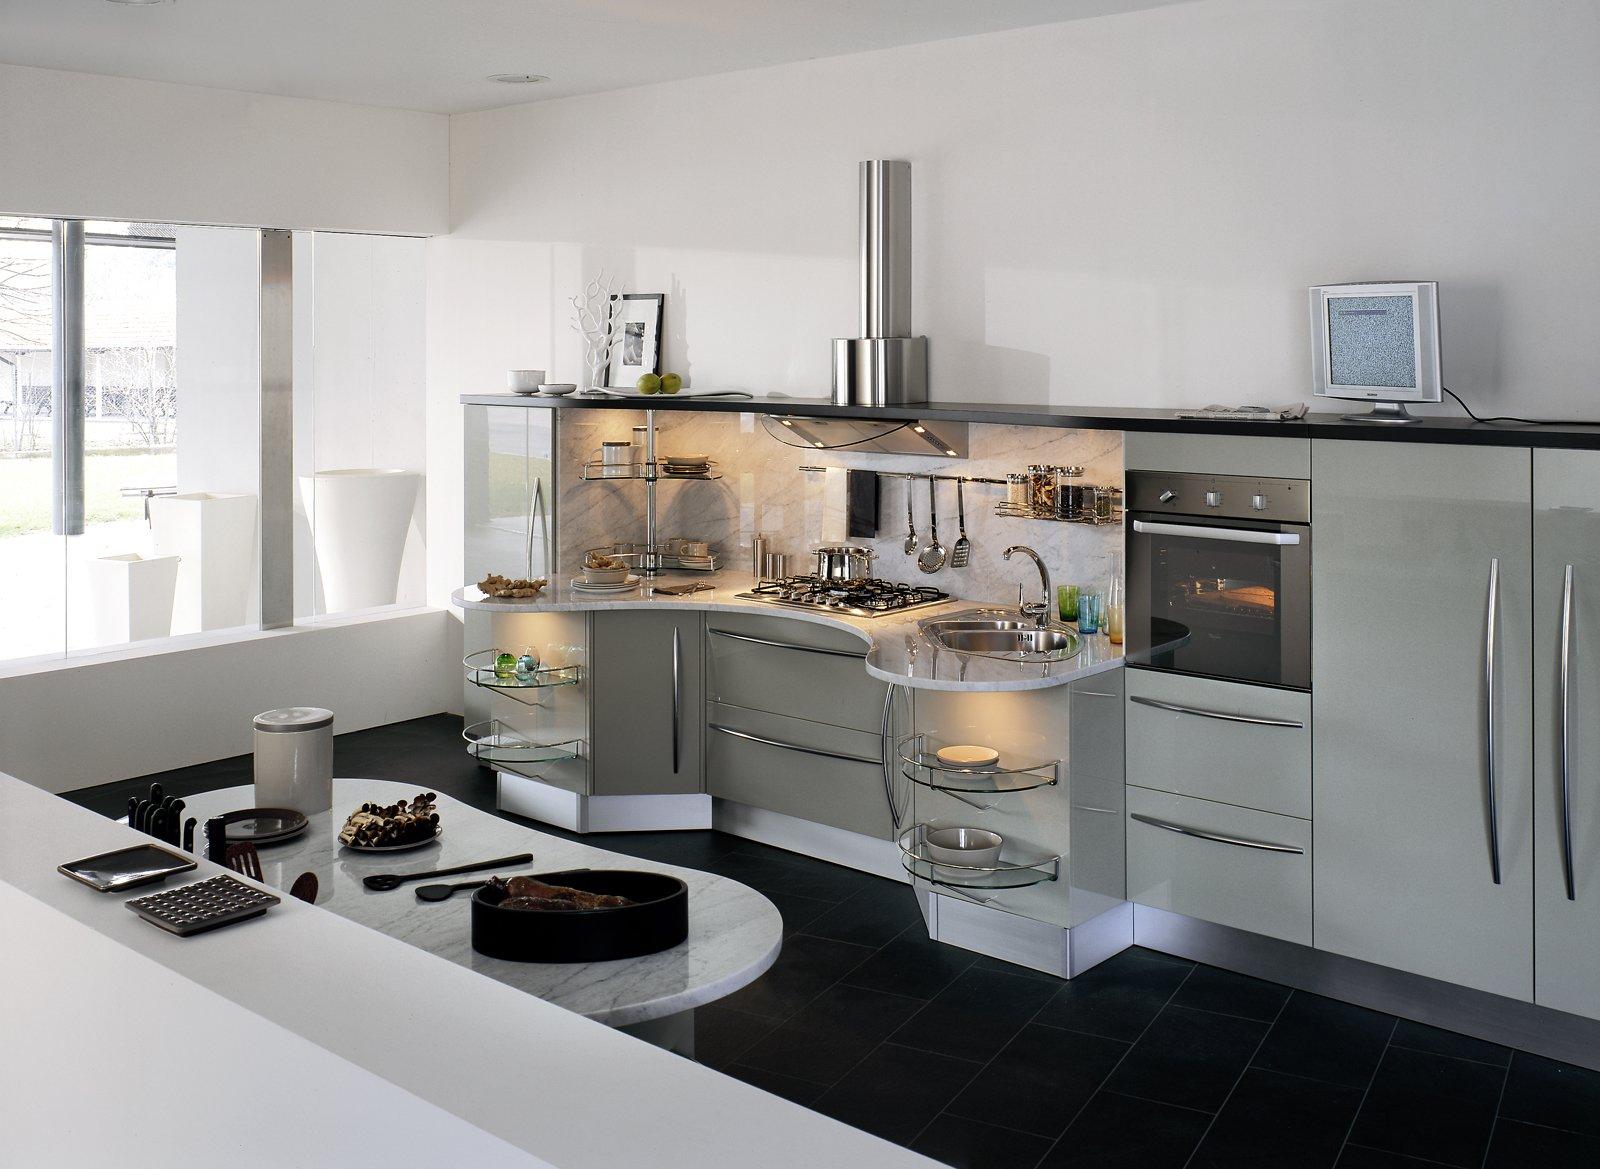 Snaidero Universal Design Kitchens Dwell Universal Design Kitchen